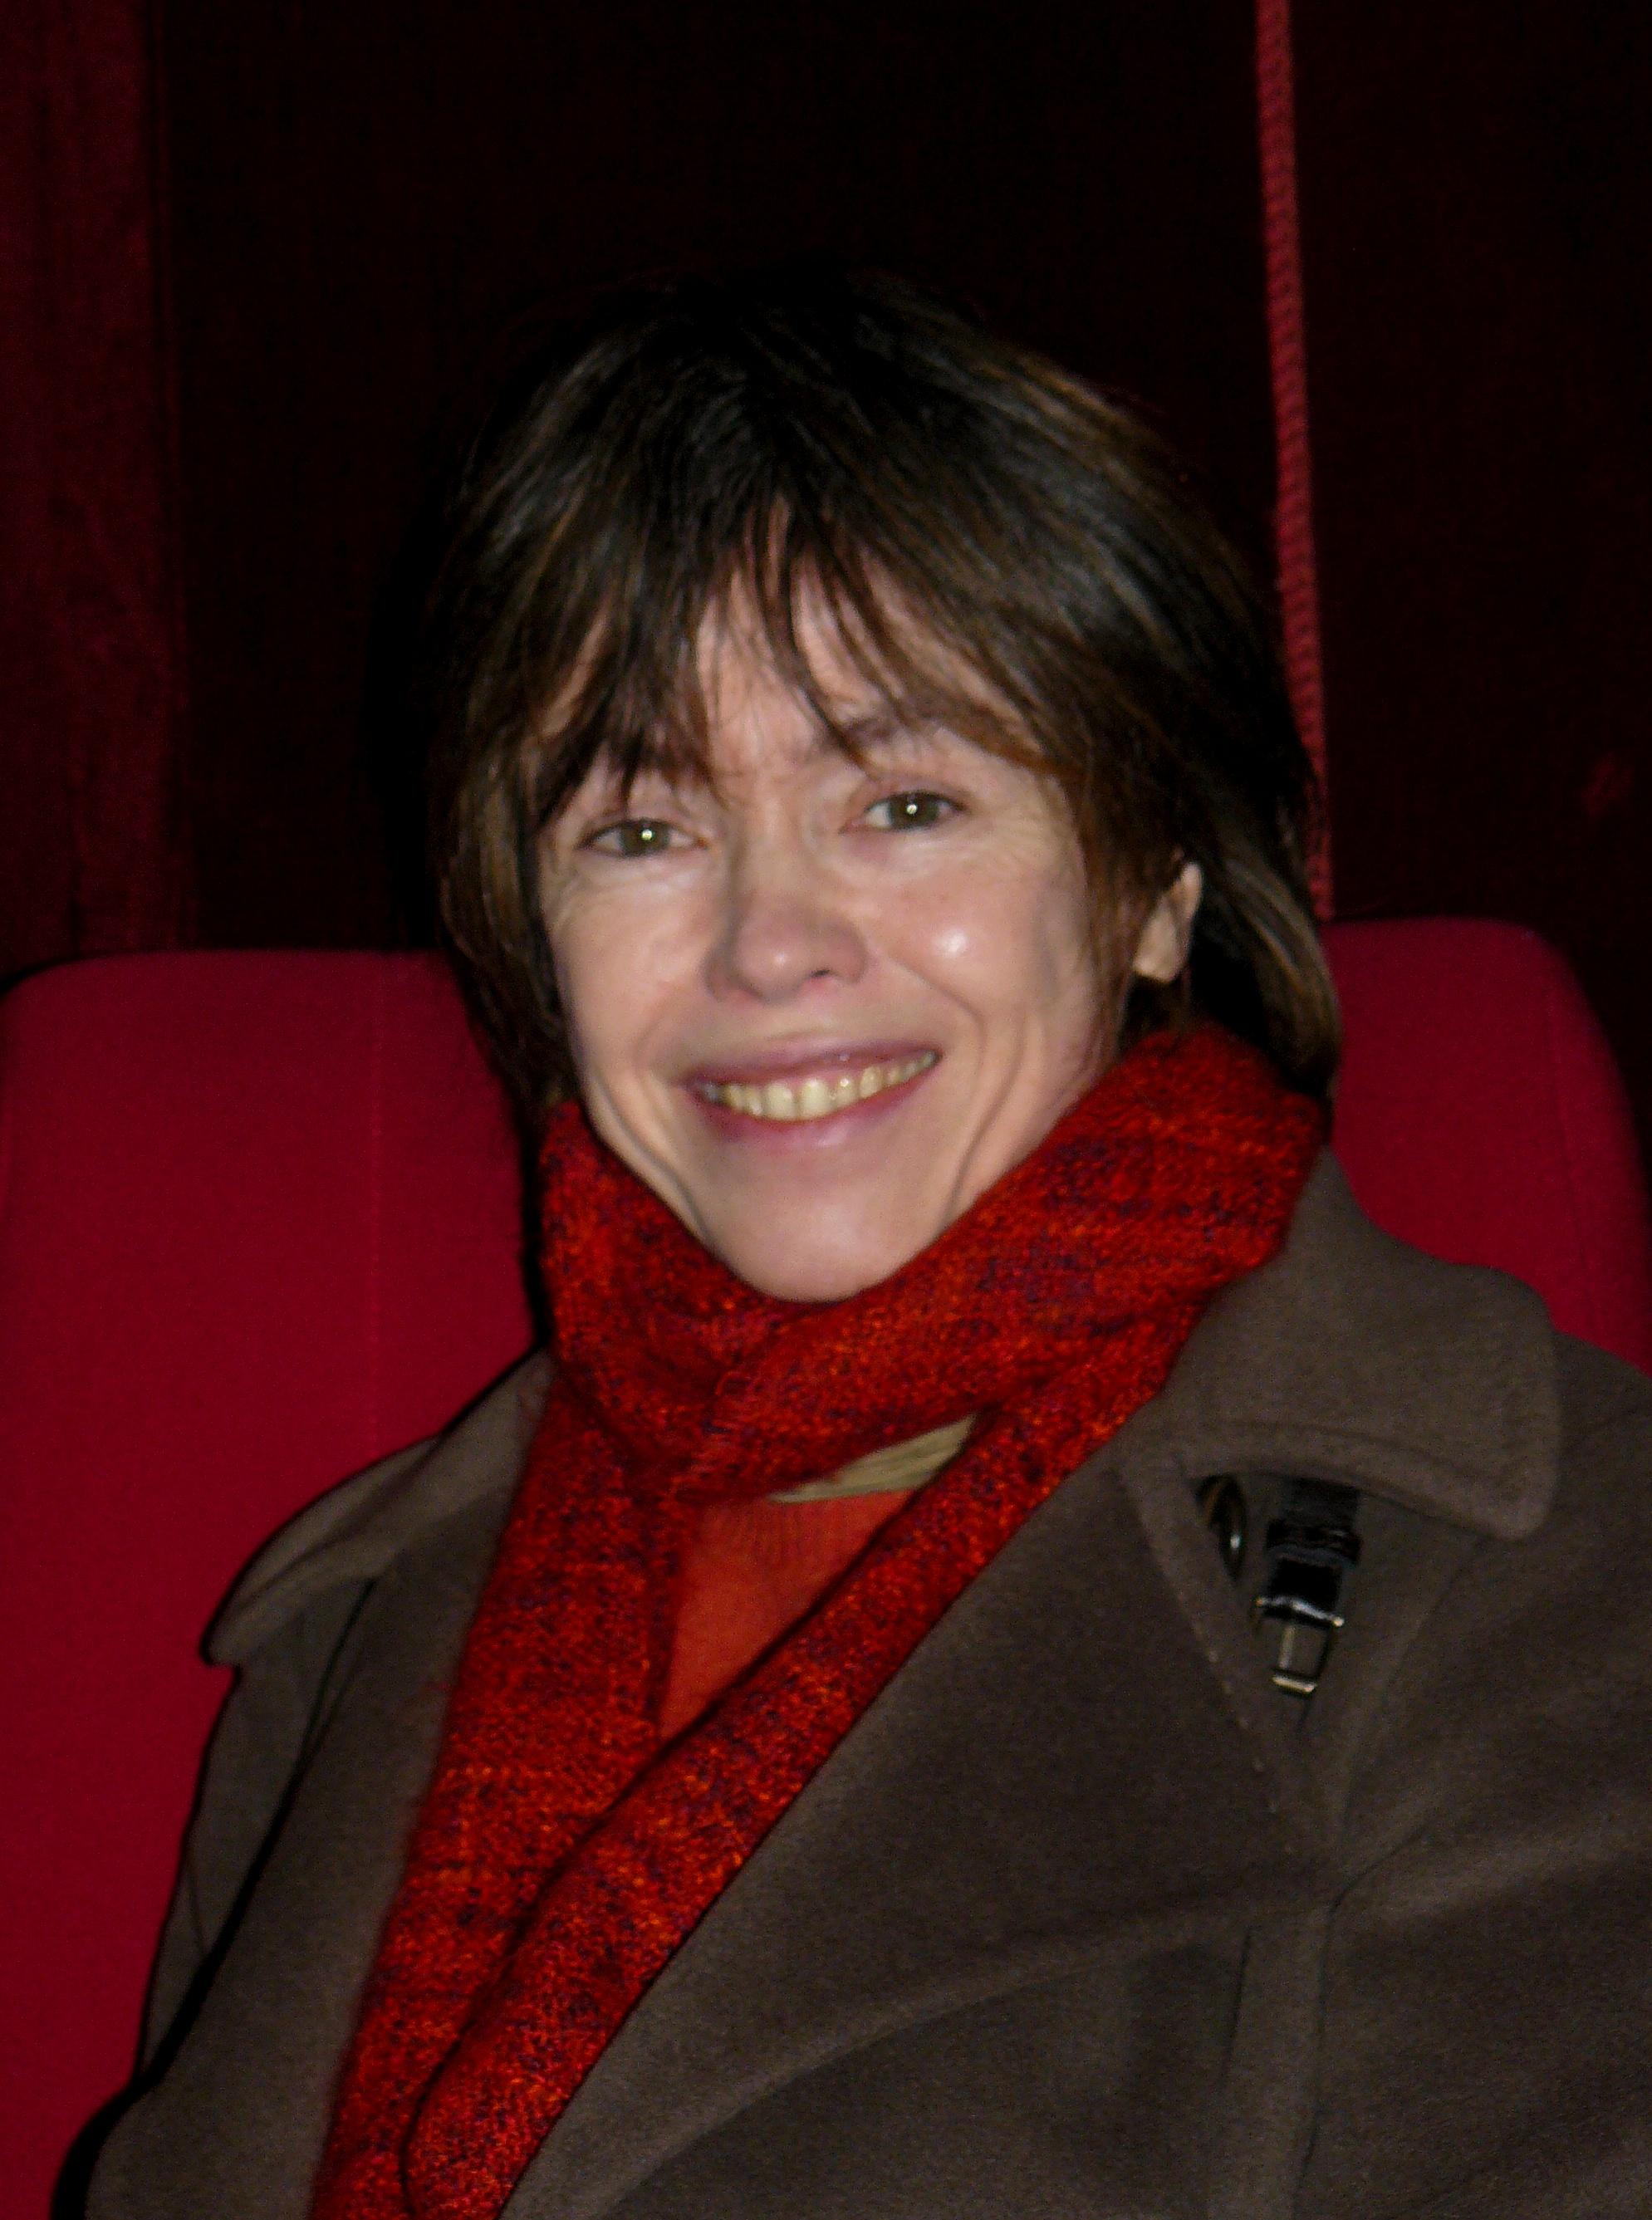 Camille de Casabianca \u2014 Wikipédia